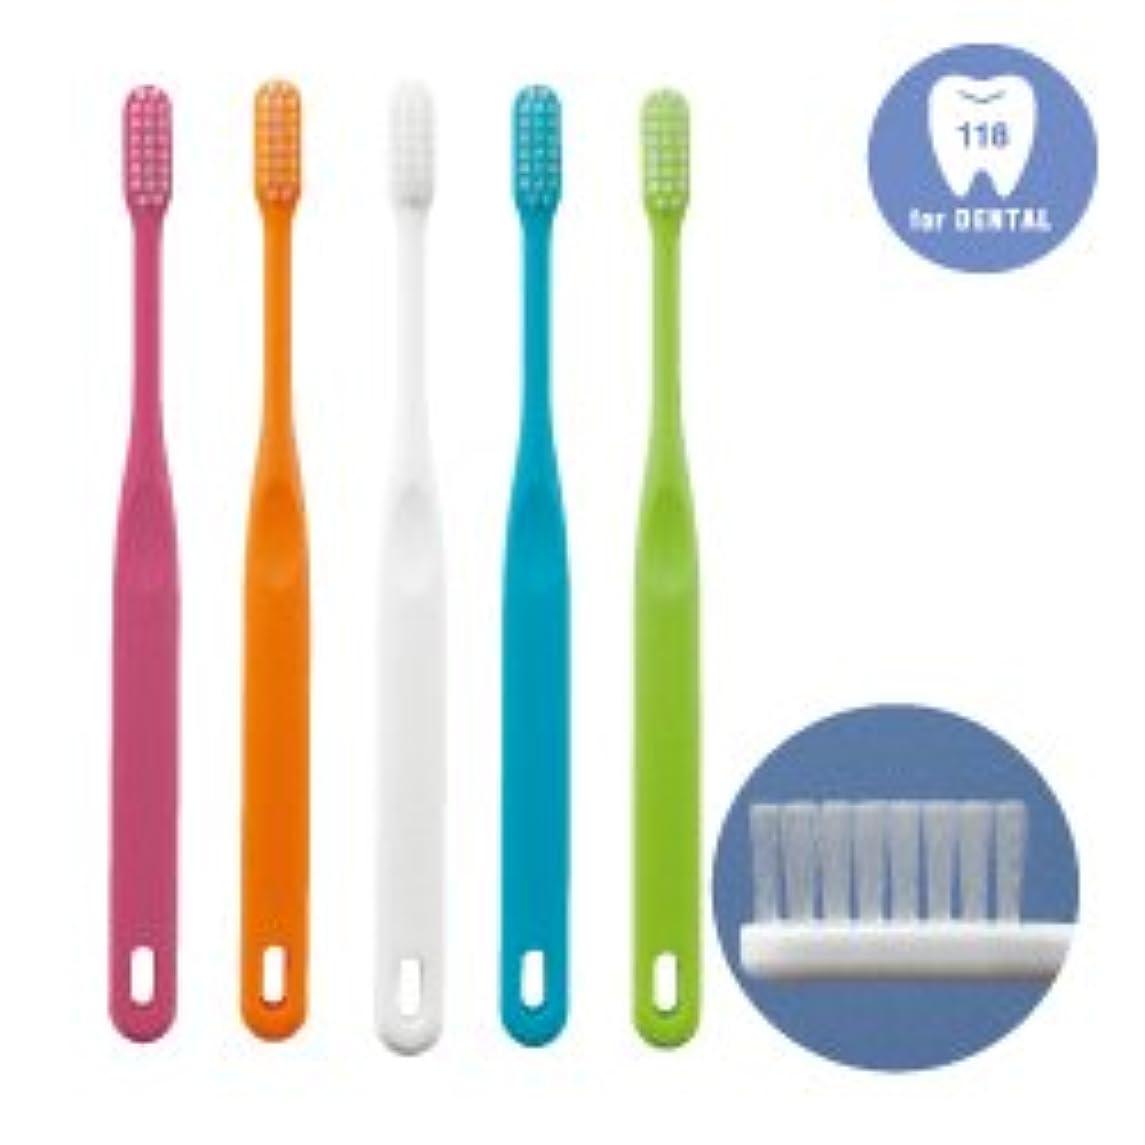 確立します会話型市民歯科専用歯ブラシ「118シリーズ」Advance(アドバンス)M(ふつう)25本